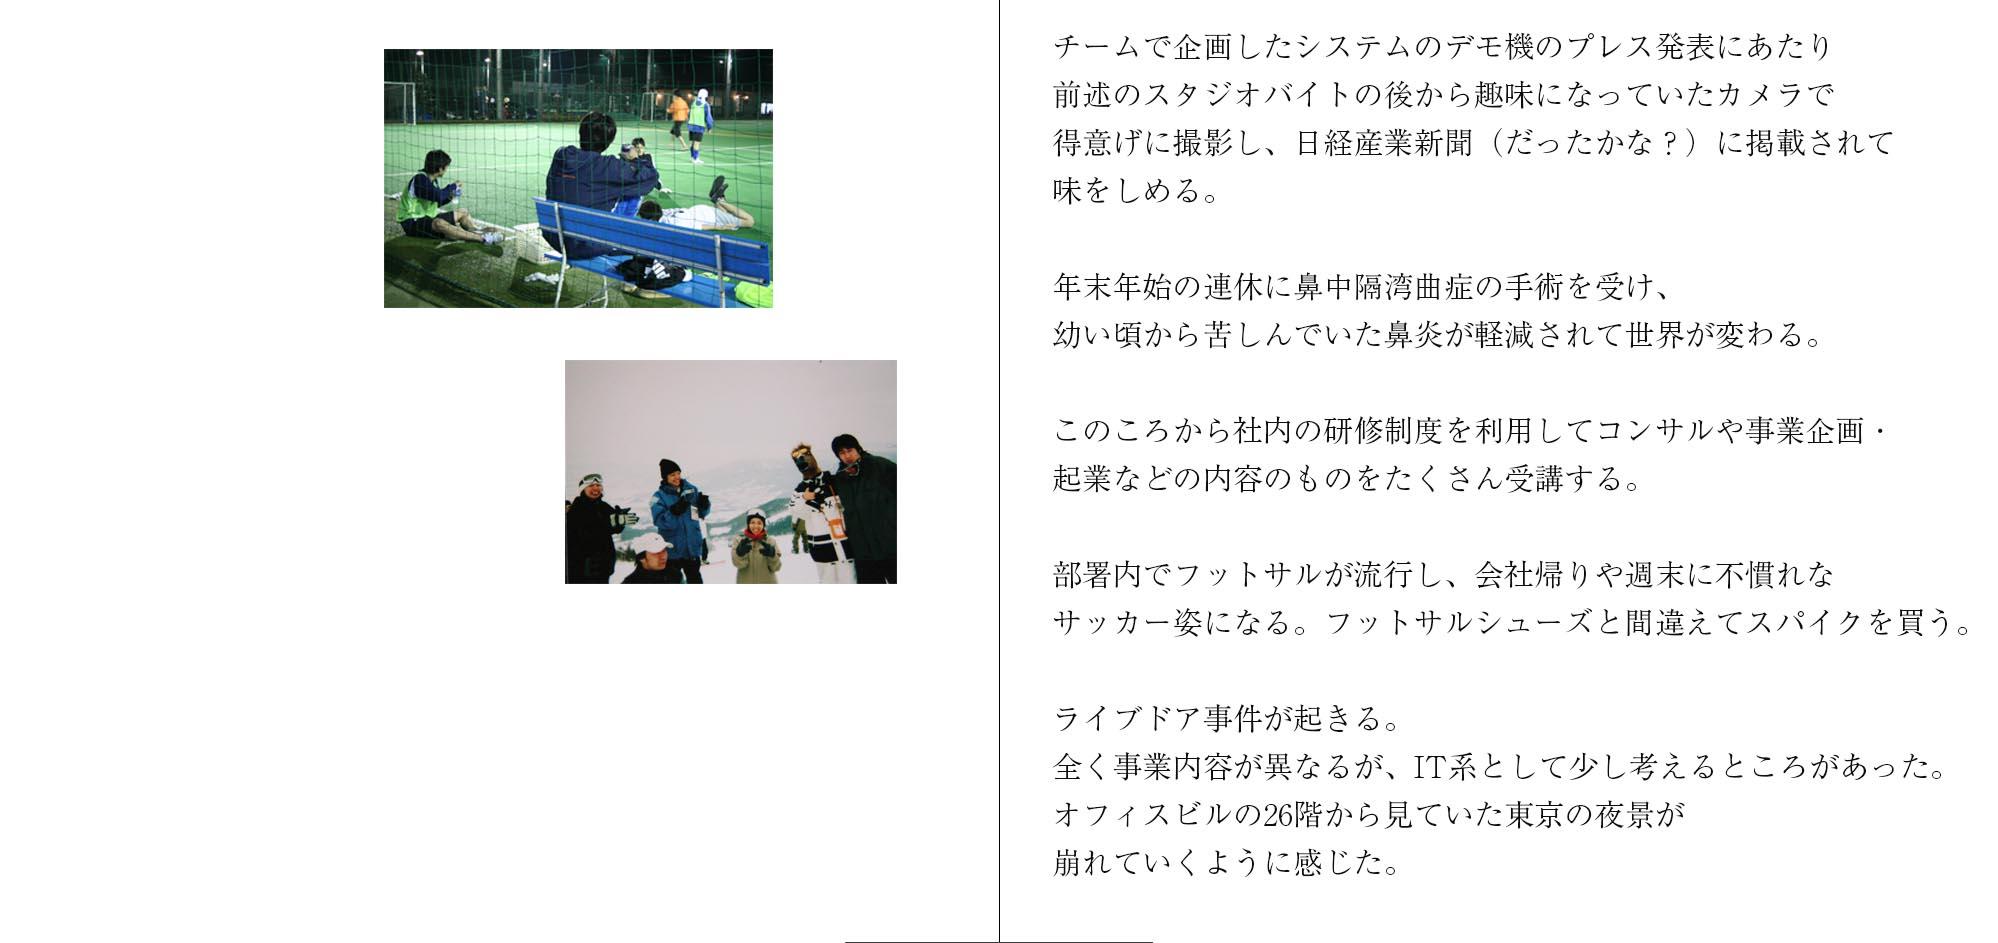 20131228_佐治秀保史_06